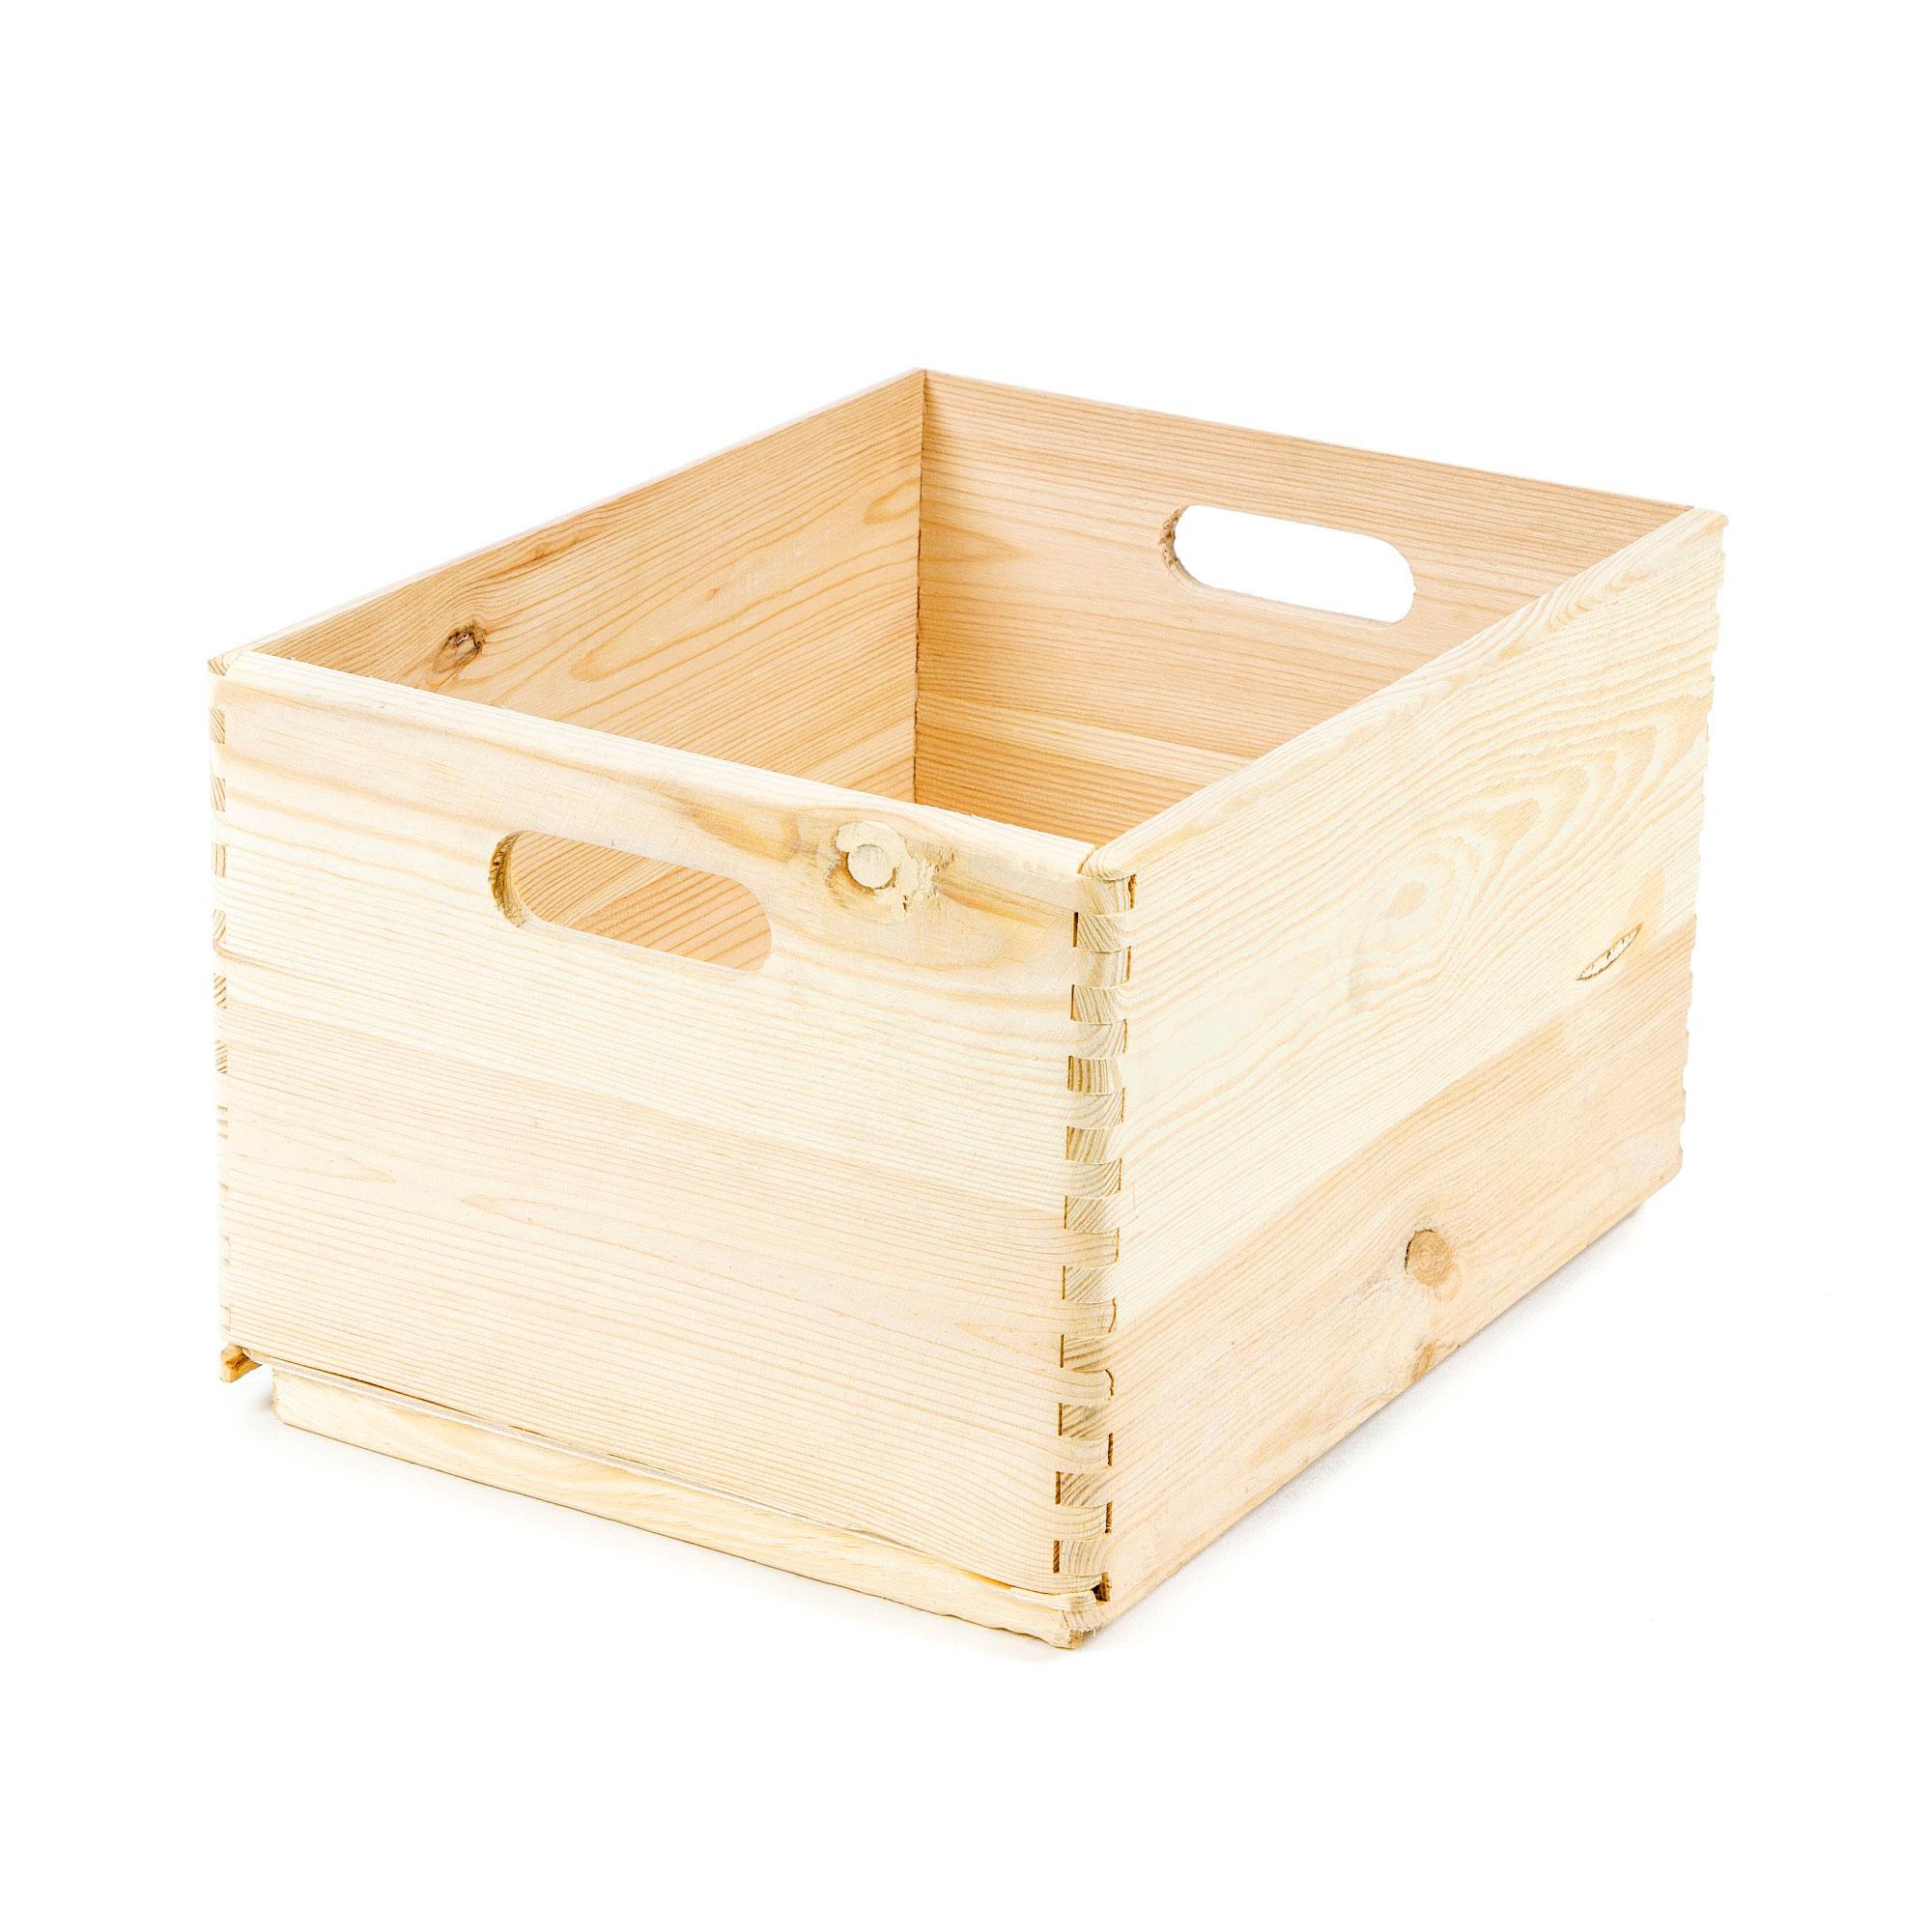 Boîte de rangement en bois naturel 2 poignées 40x30cm